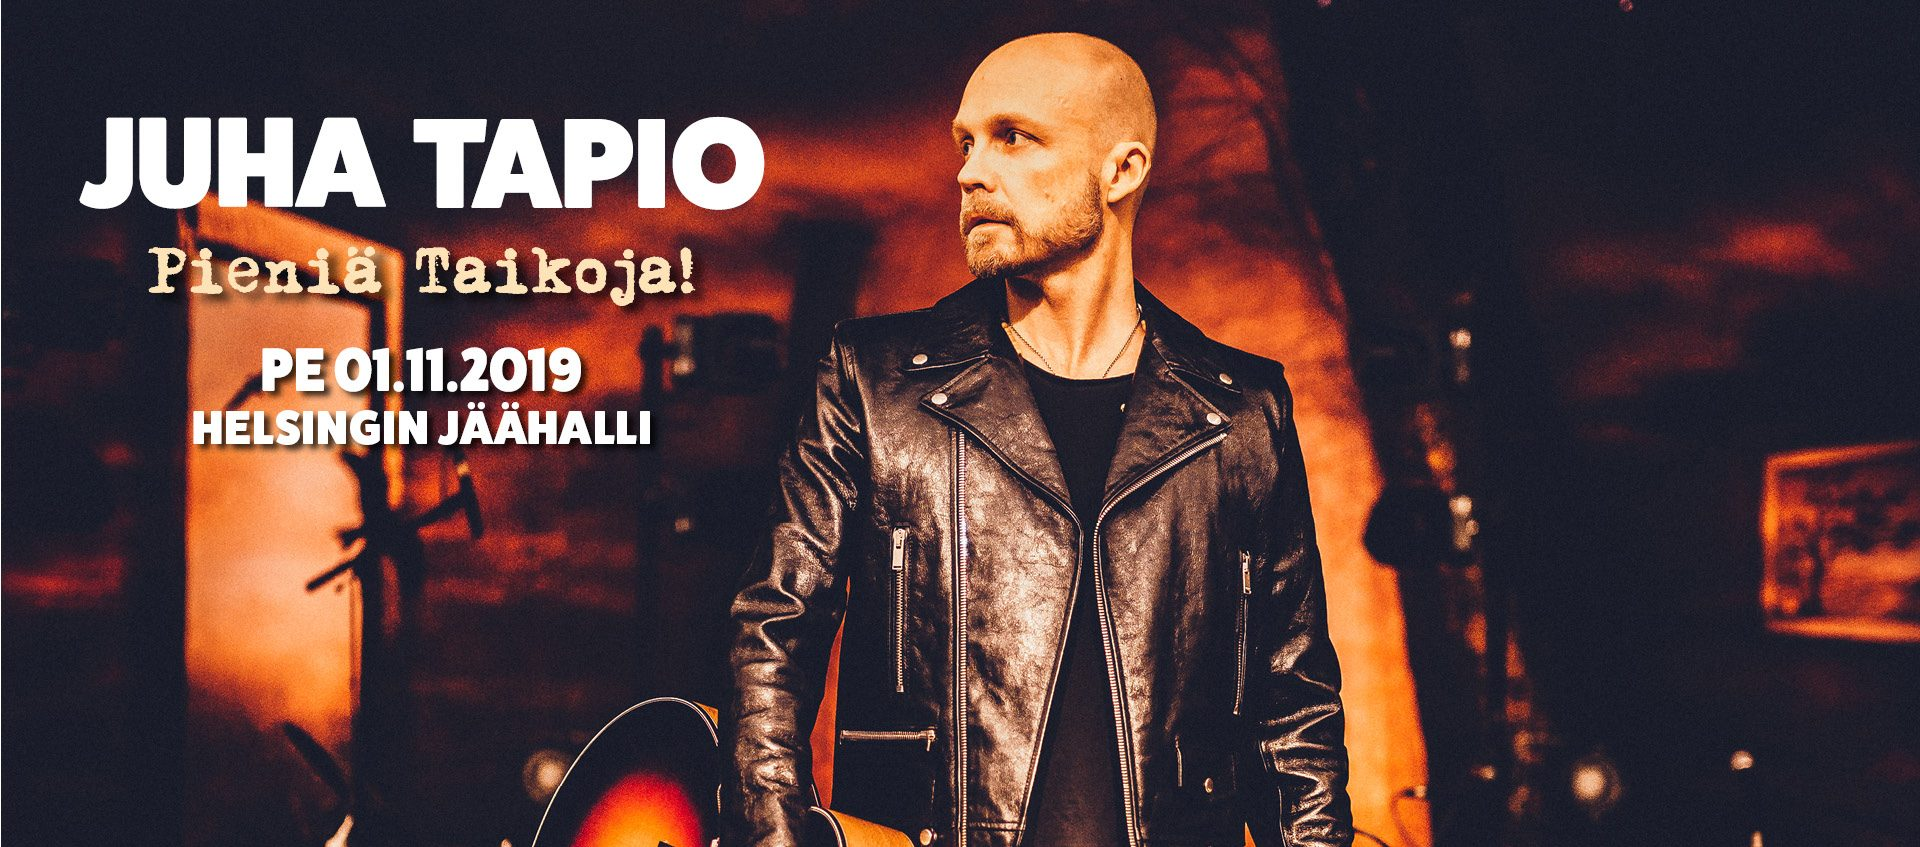 Juha Tapio Keikat 2019